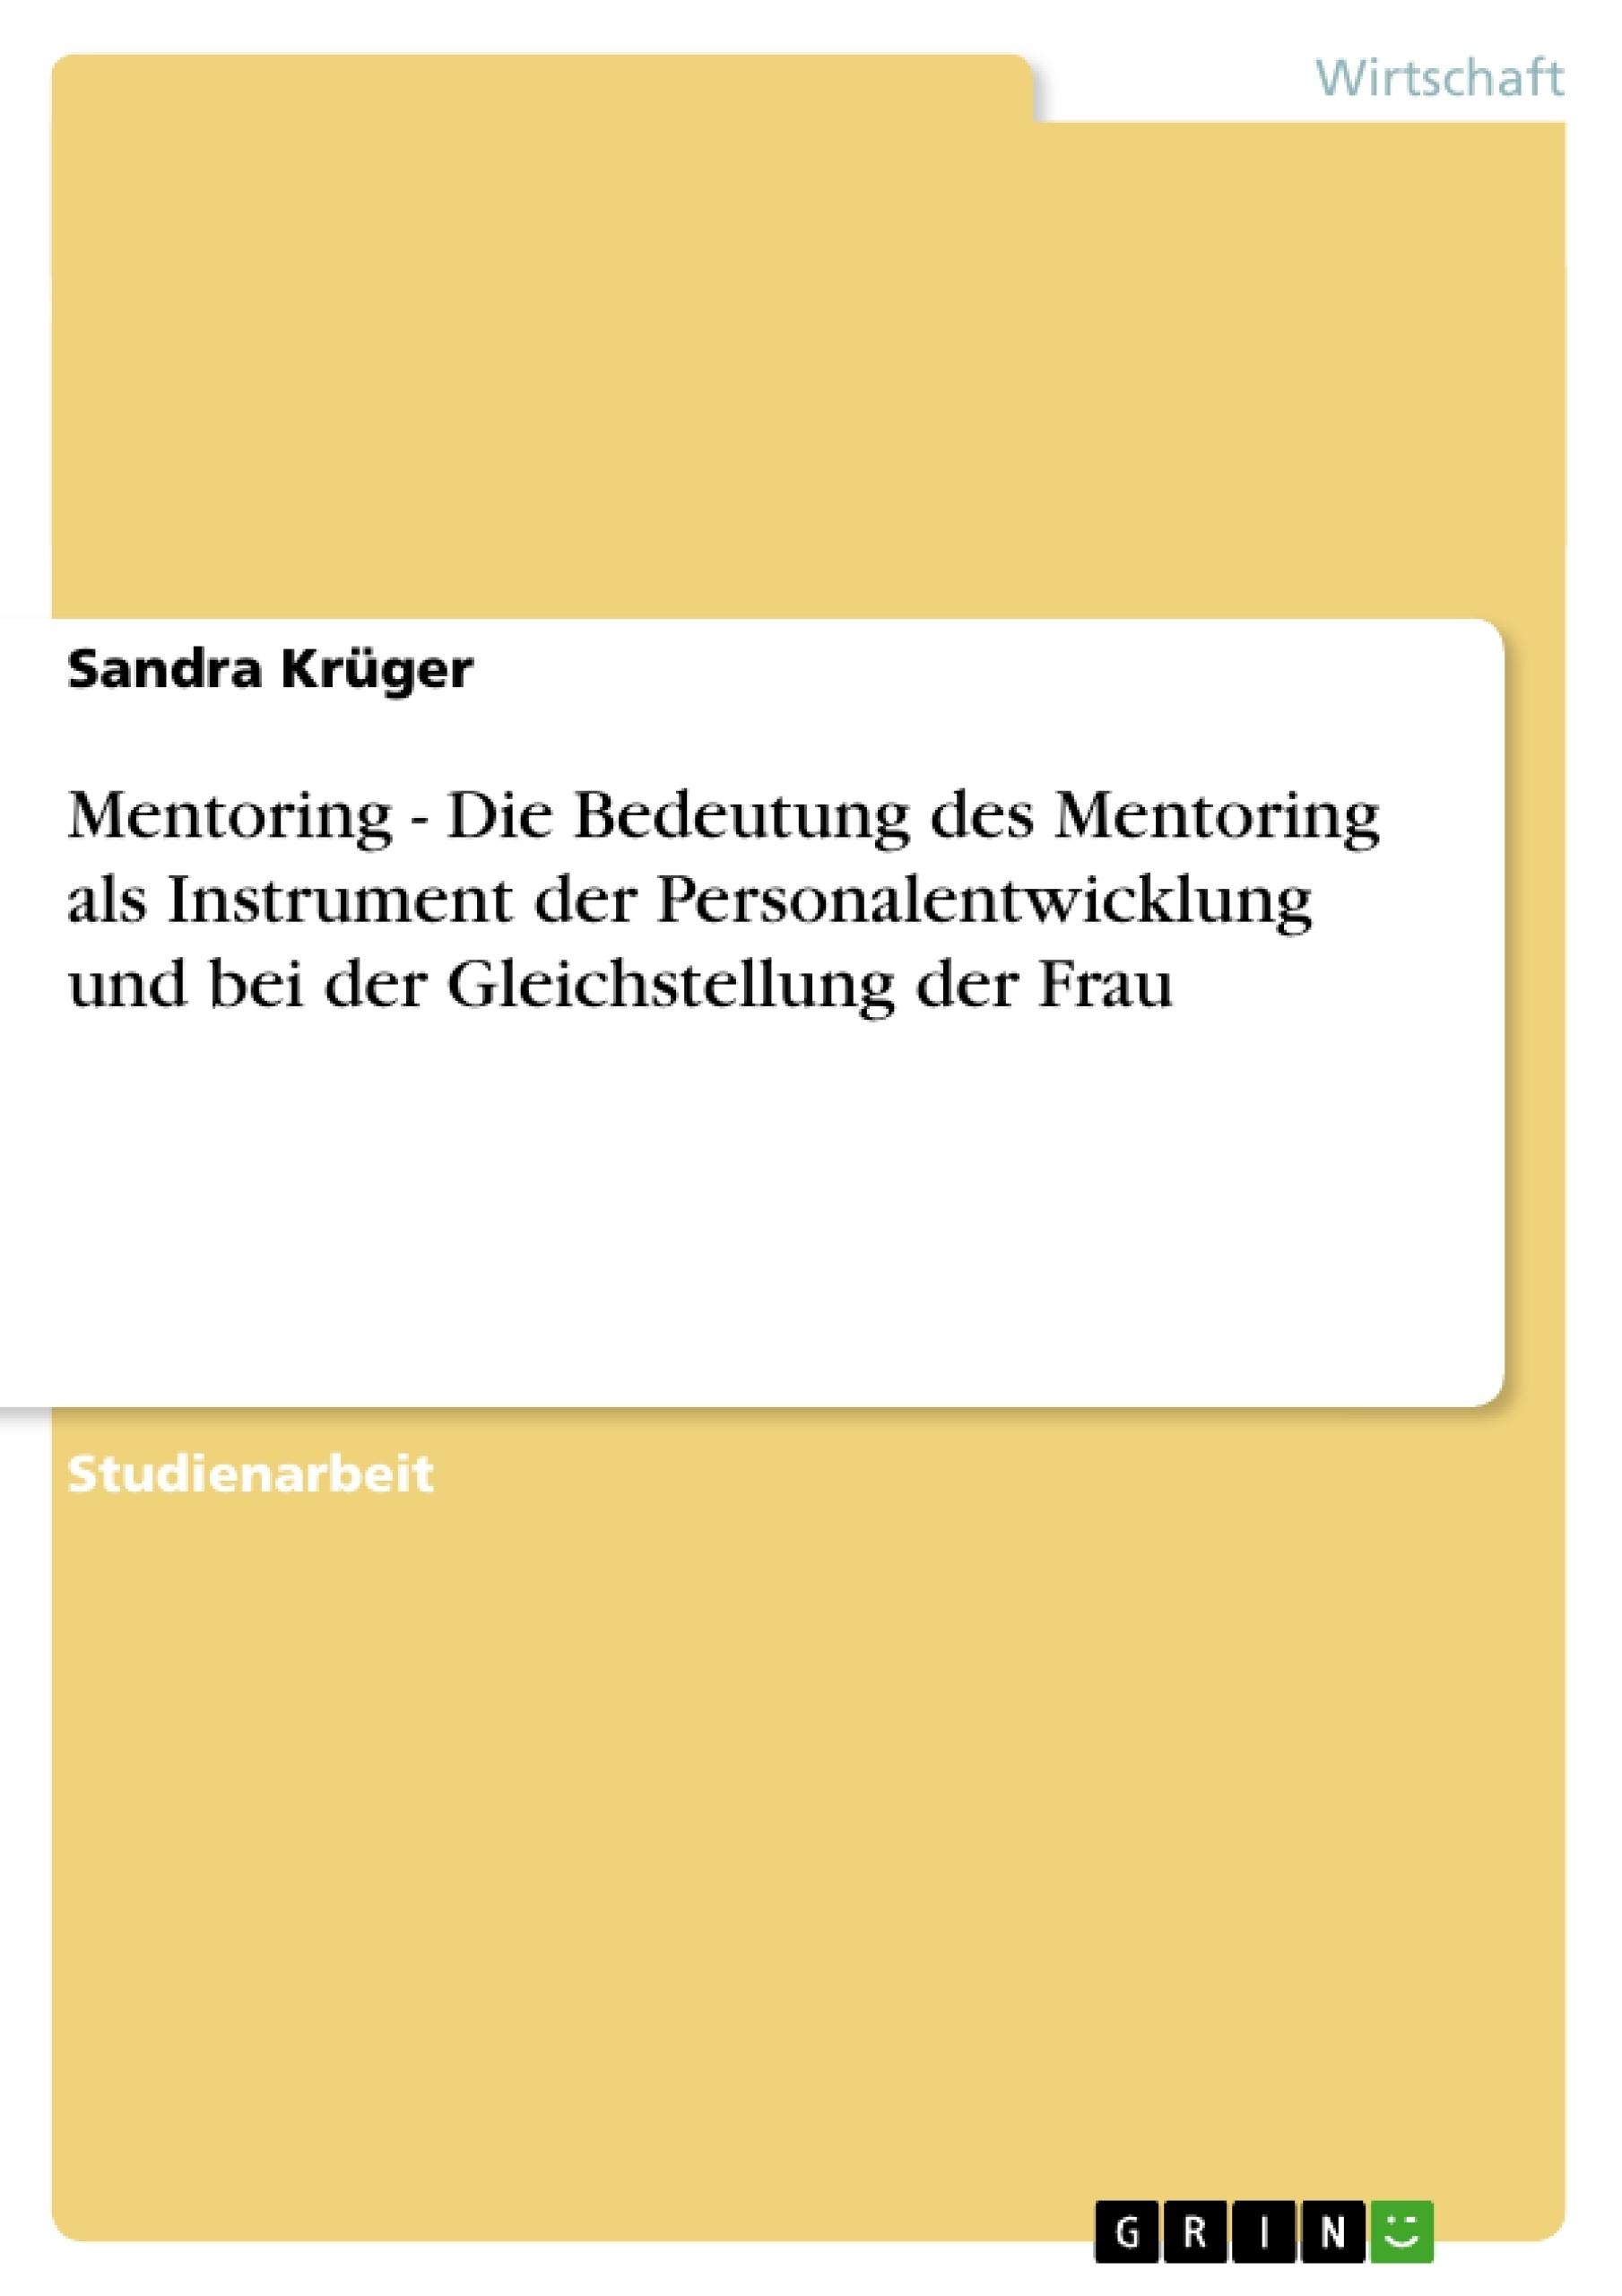 Titel: Mentoring - Die Bedeutung des Mentoring als Instrument der Personalentwicklung und bei der Gleichstellung der Frau